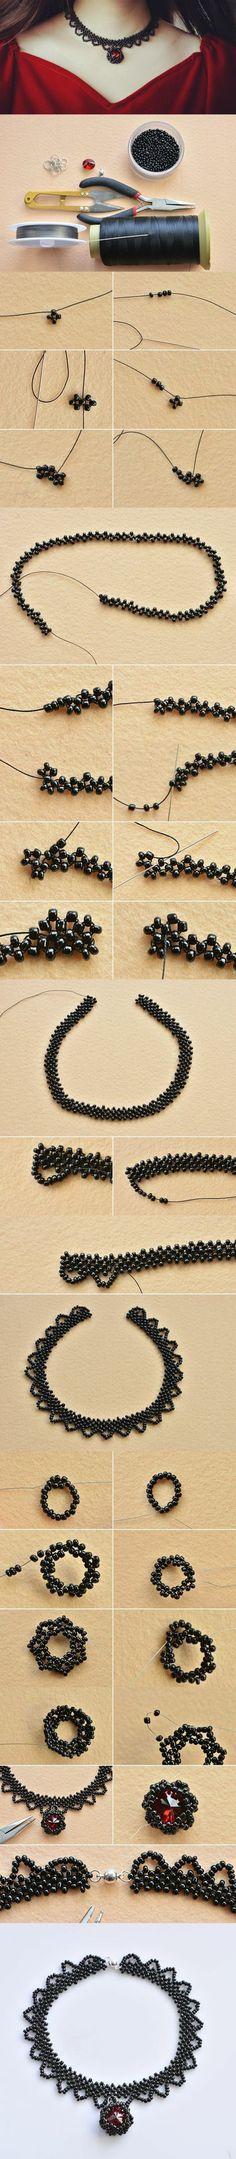 collier femme pas cher en petites perles noires